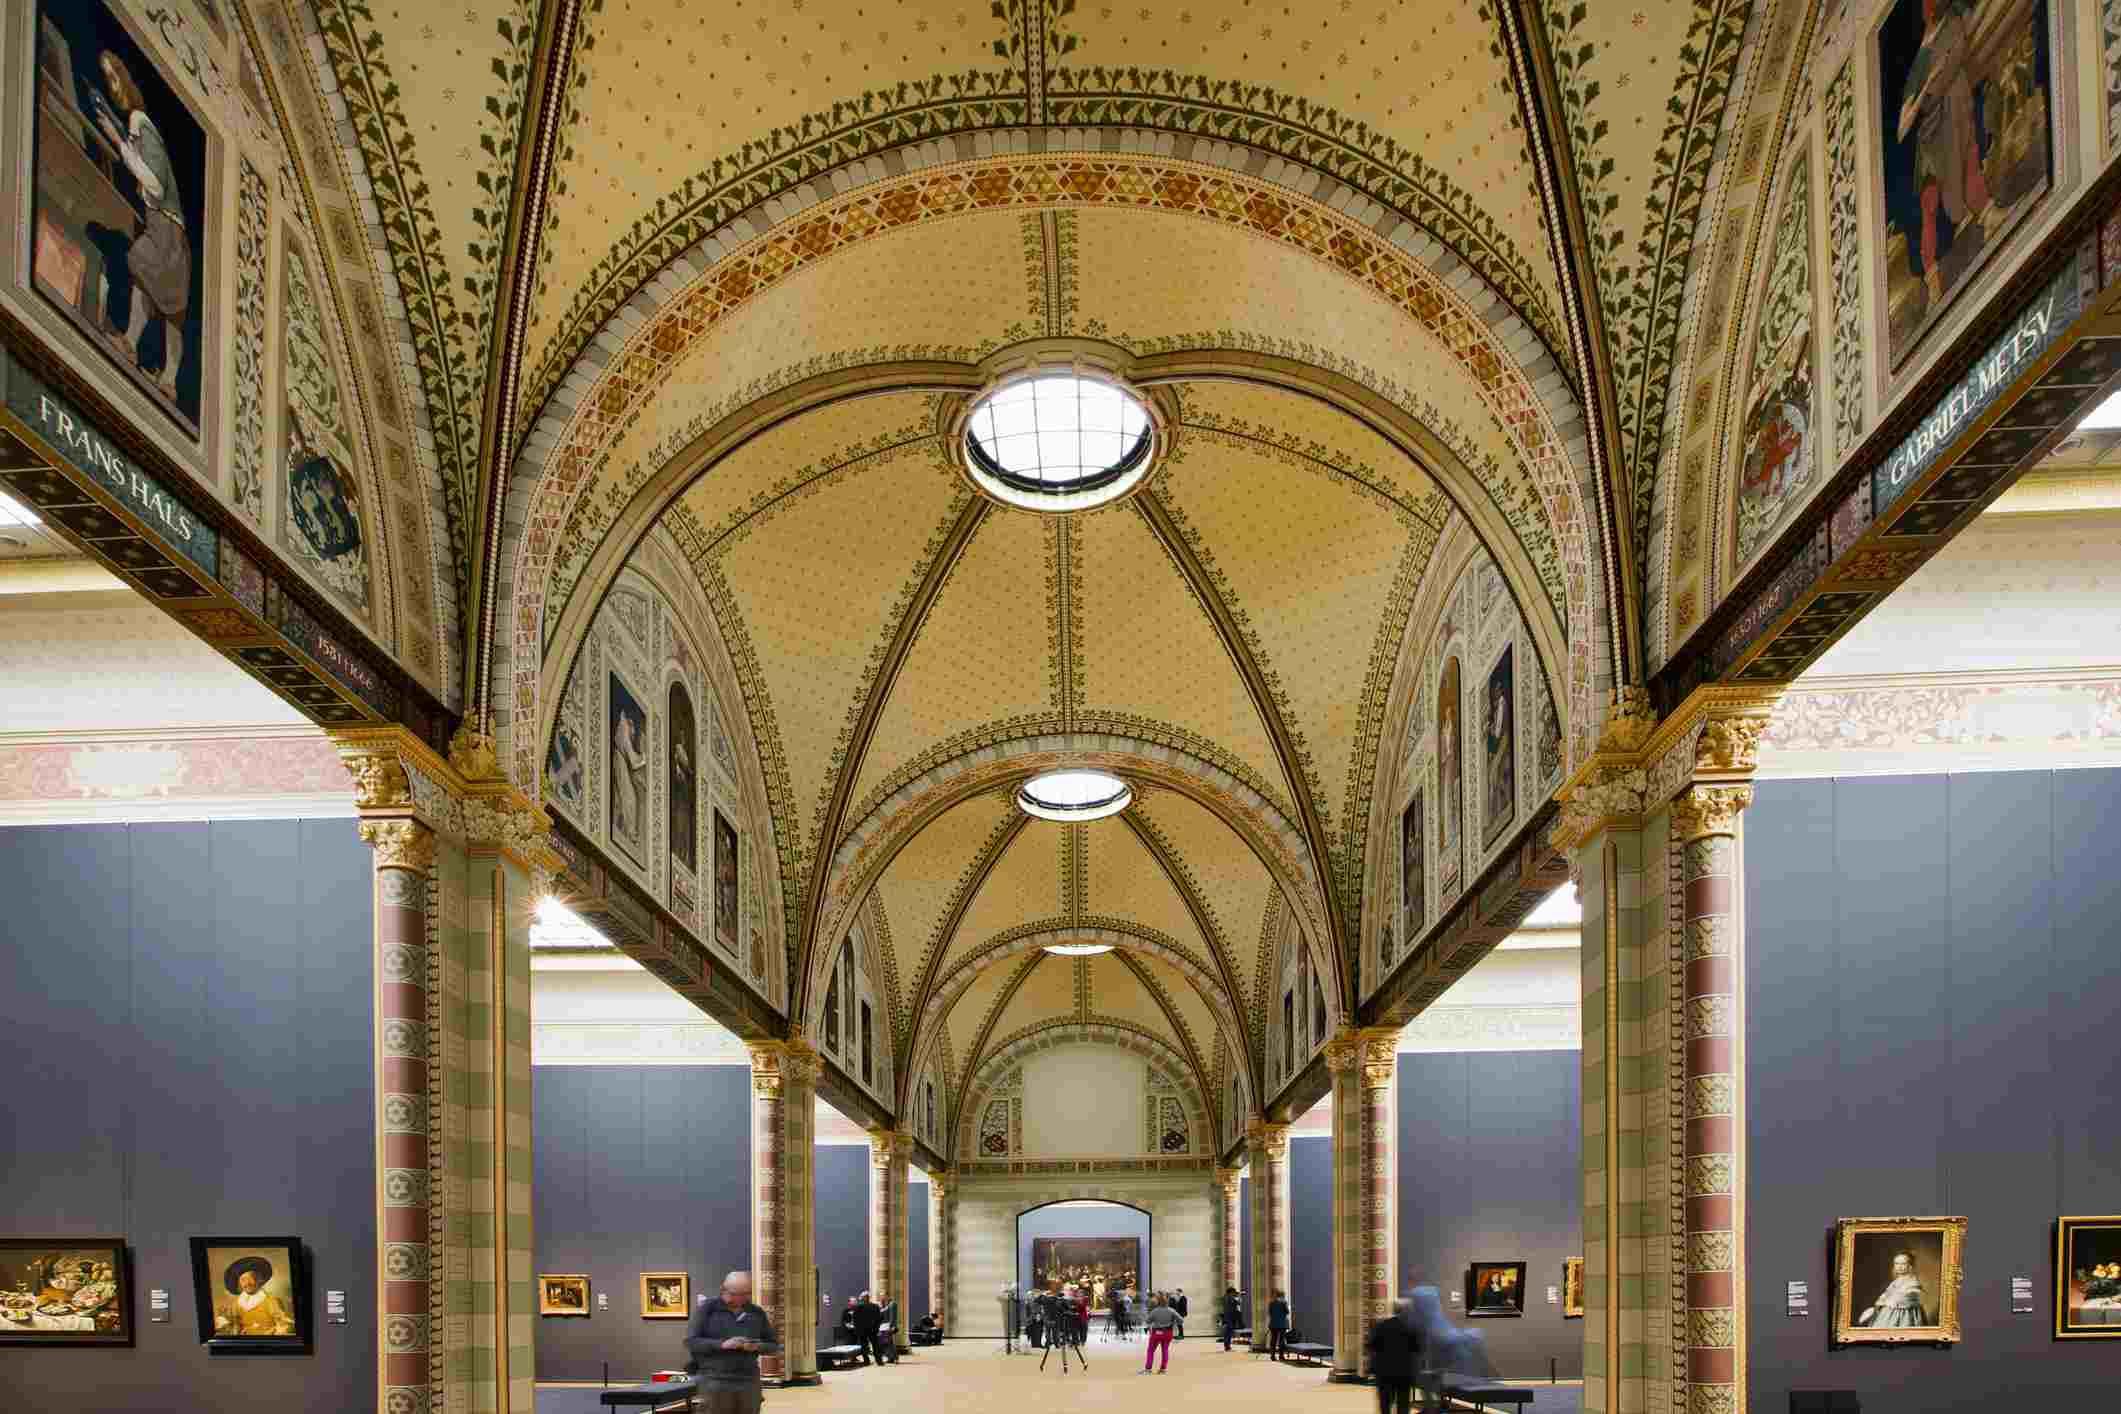 Países Bajos, Amsterdam, Rijksmuseum, Galería Of Honor